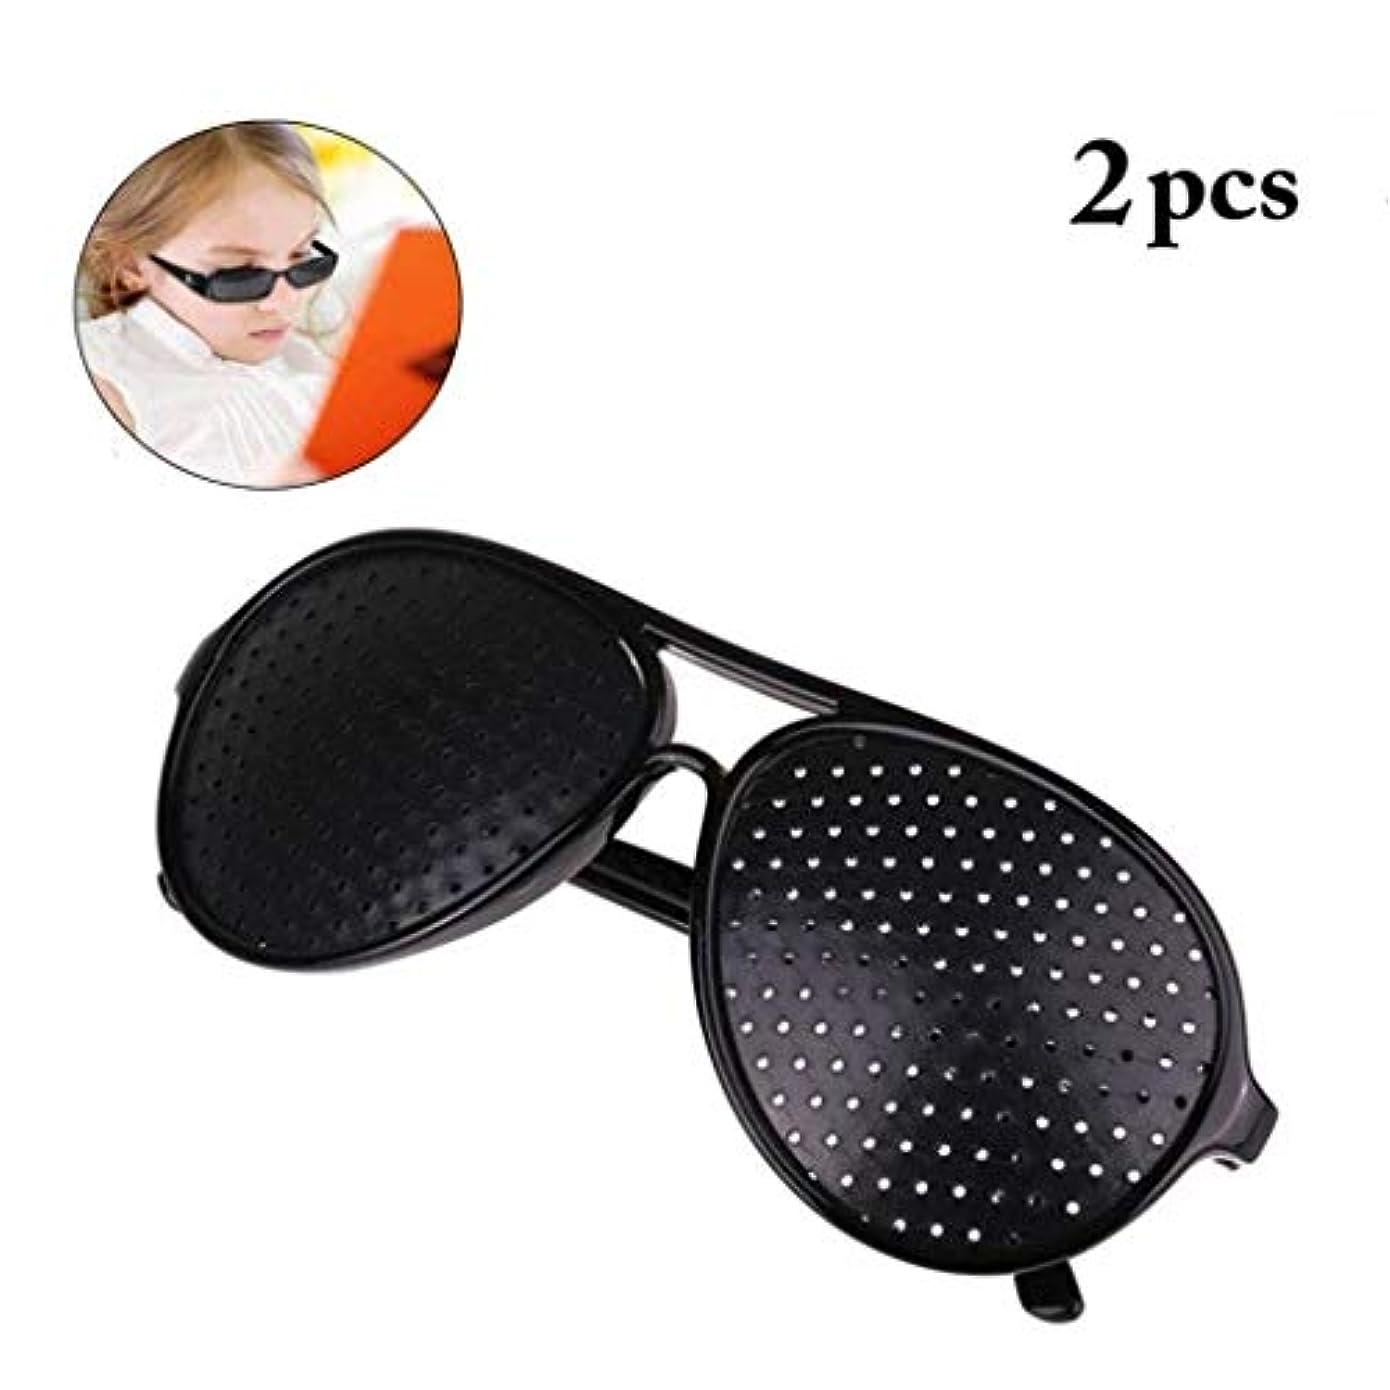 戦略読みやすい岩ピンホールメガネ、視力矯正メガネ網状視力保護メガネ耐疲労性メガネ近視の防止メガネの改善